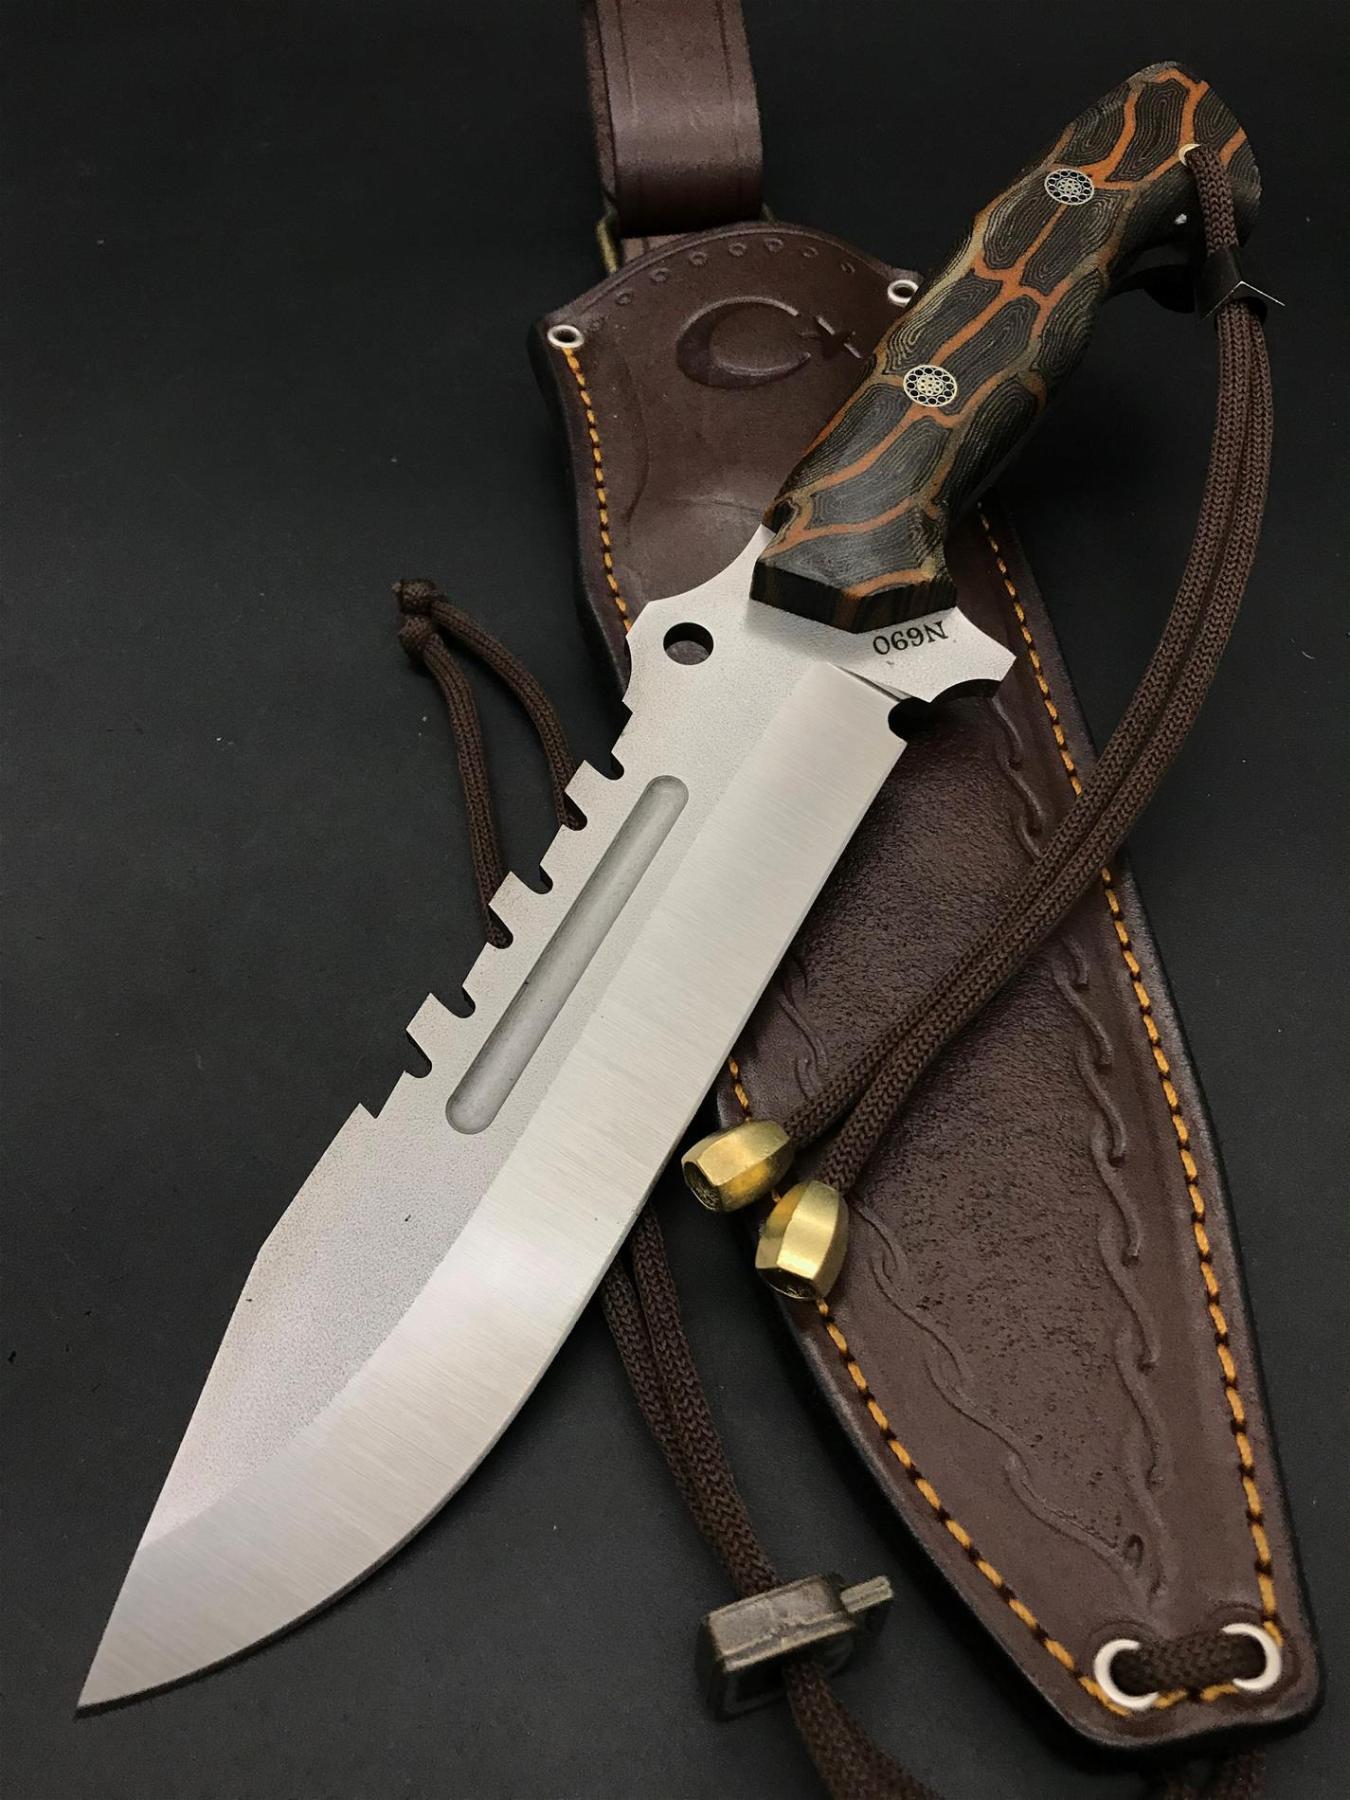 BOHLER N690 Special Design Camping Knife TK16